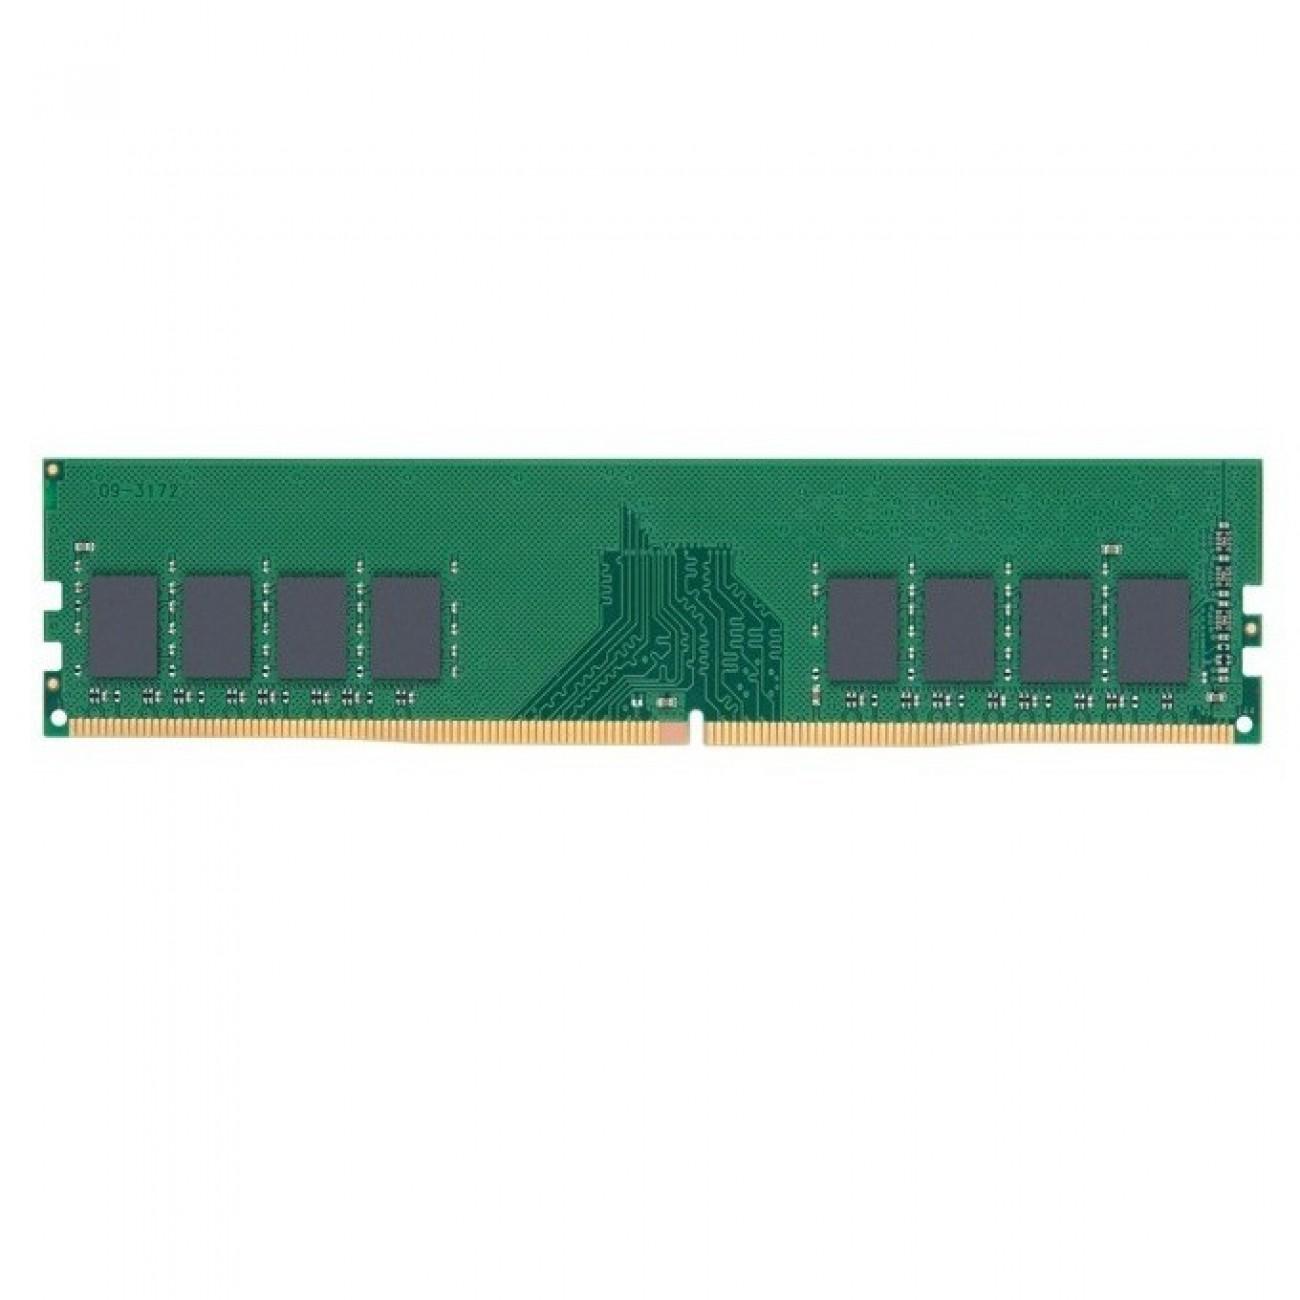 Памет 8GB DDR4 2666MHz, Transcend JM2666HLB-8G, 1.2V в Настолни компютри Памети - Transcend   Alleop